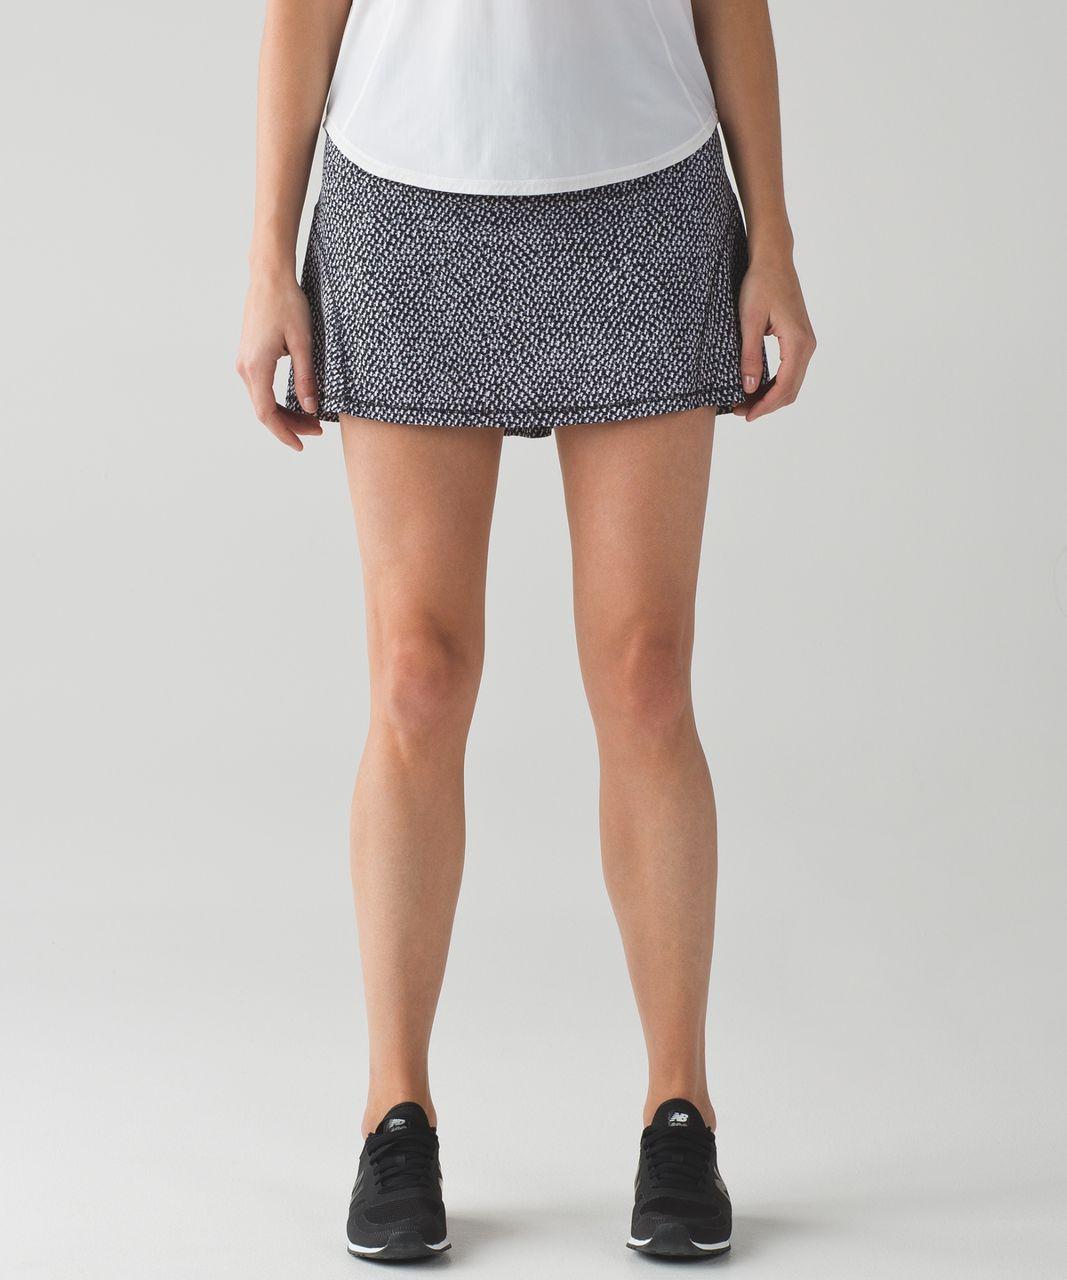 """Lululemon Circuit Breaker Skirt (Tall) (15"""") - Scatter Star Arctic Grey Black / Black"""